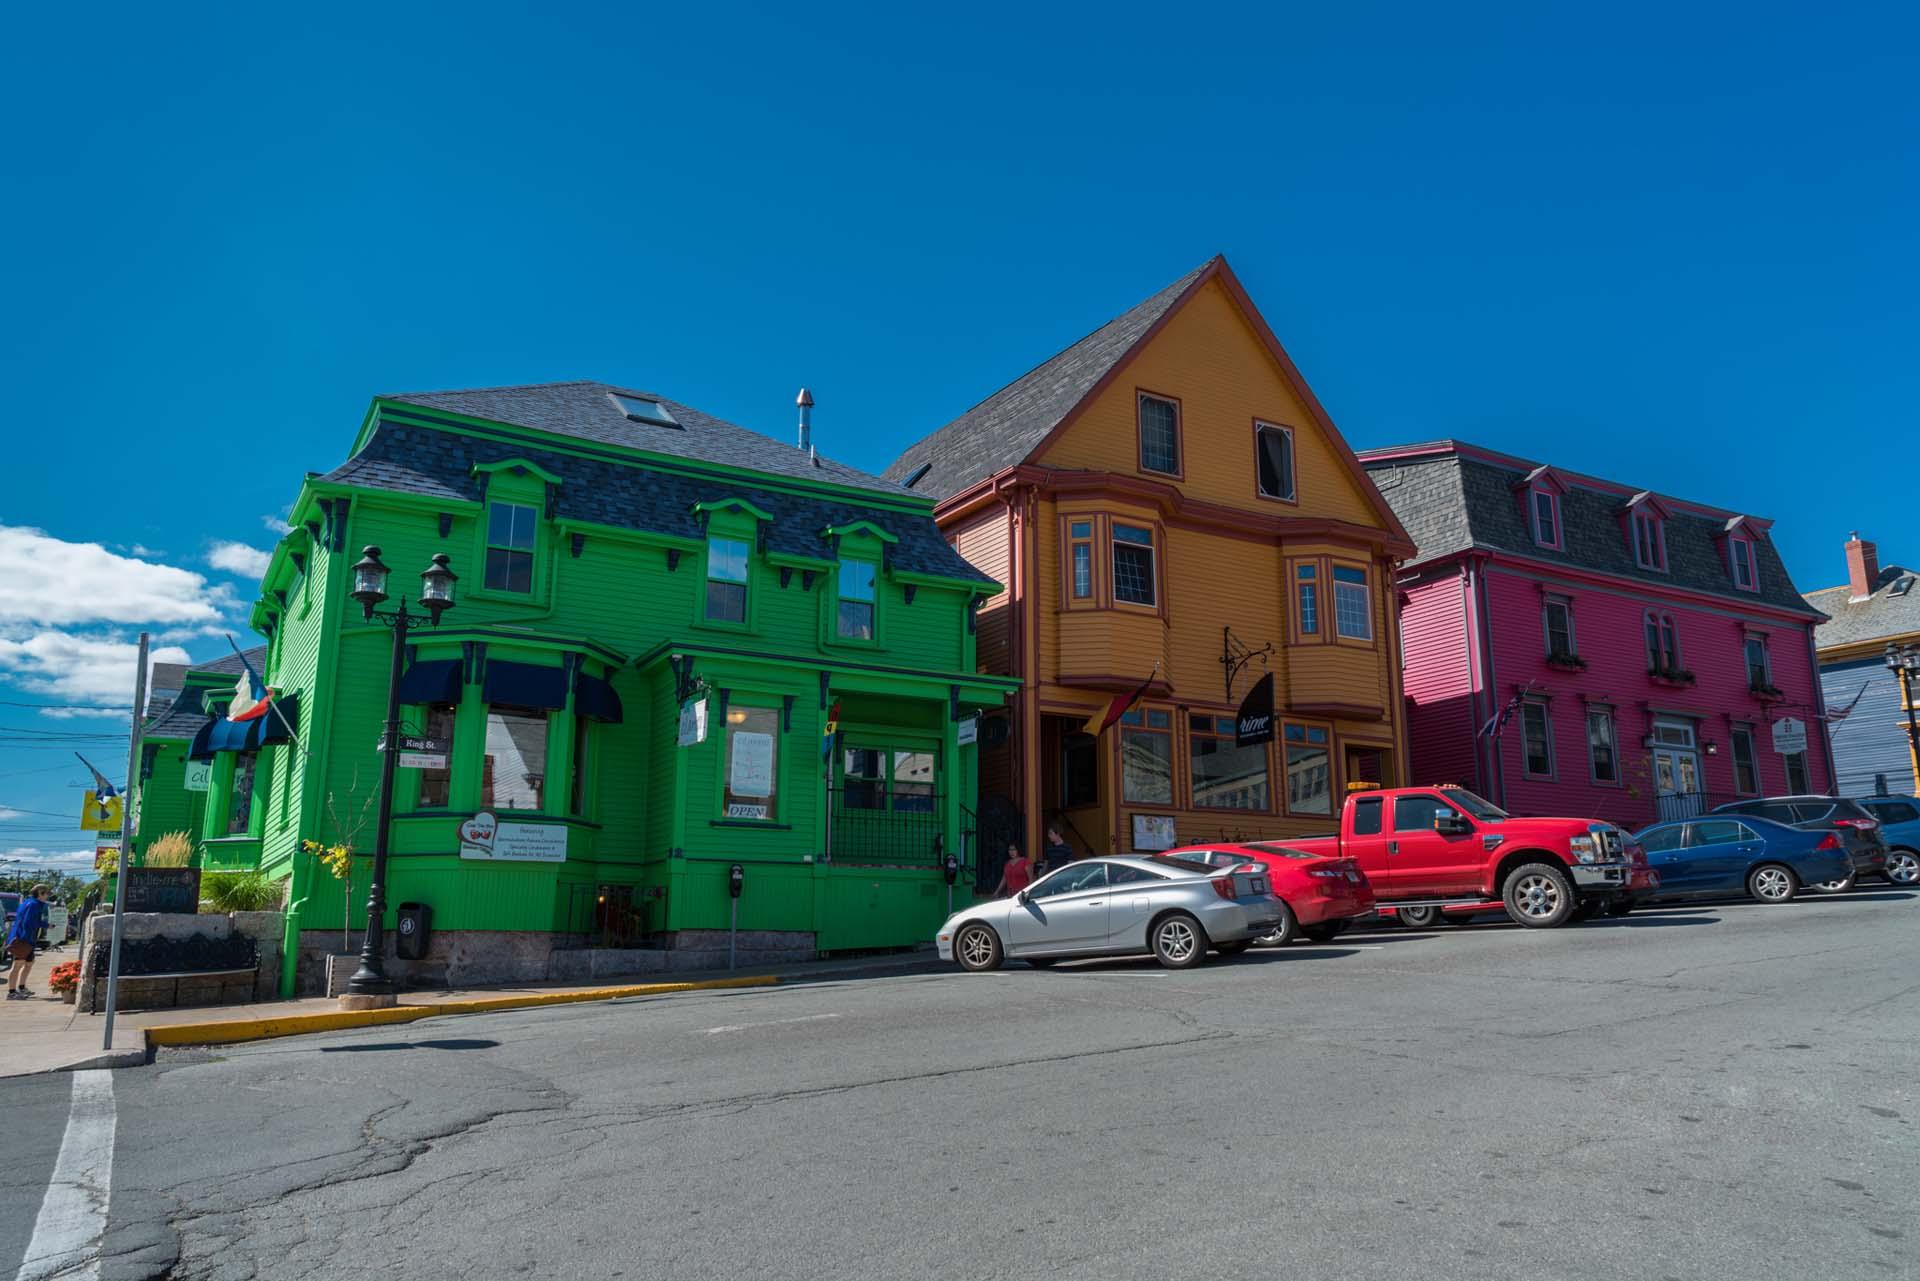 painted buildings historic downtown lunenburg